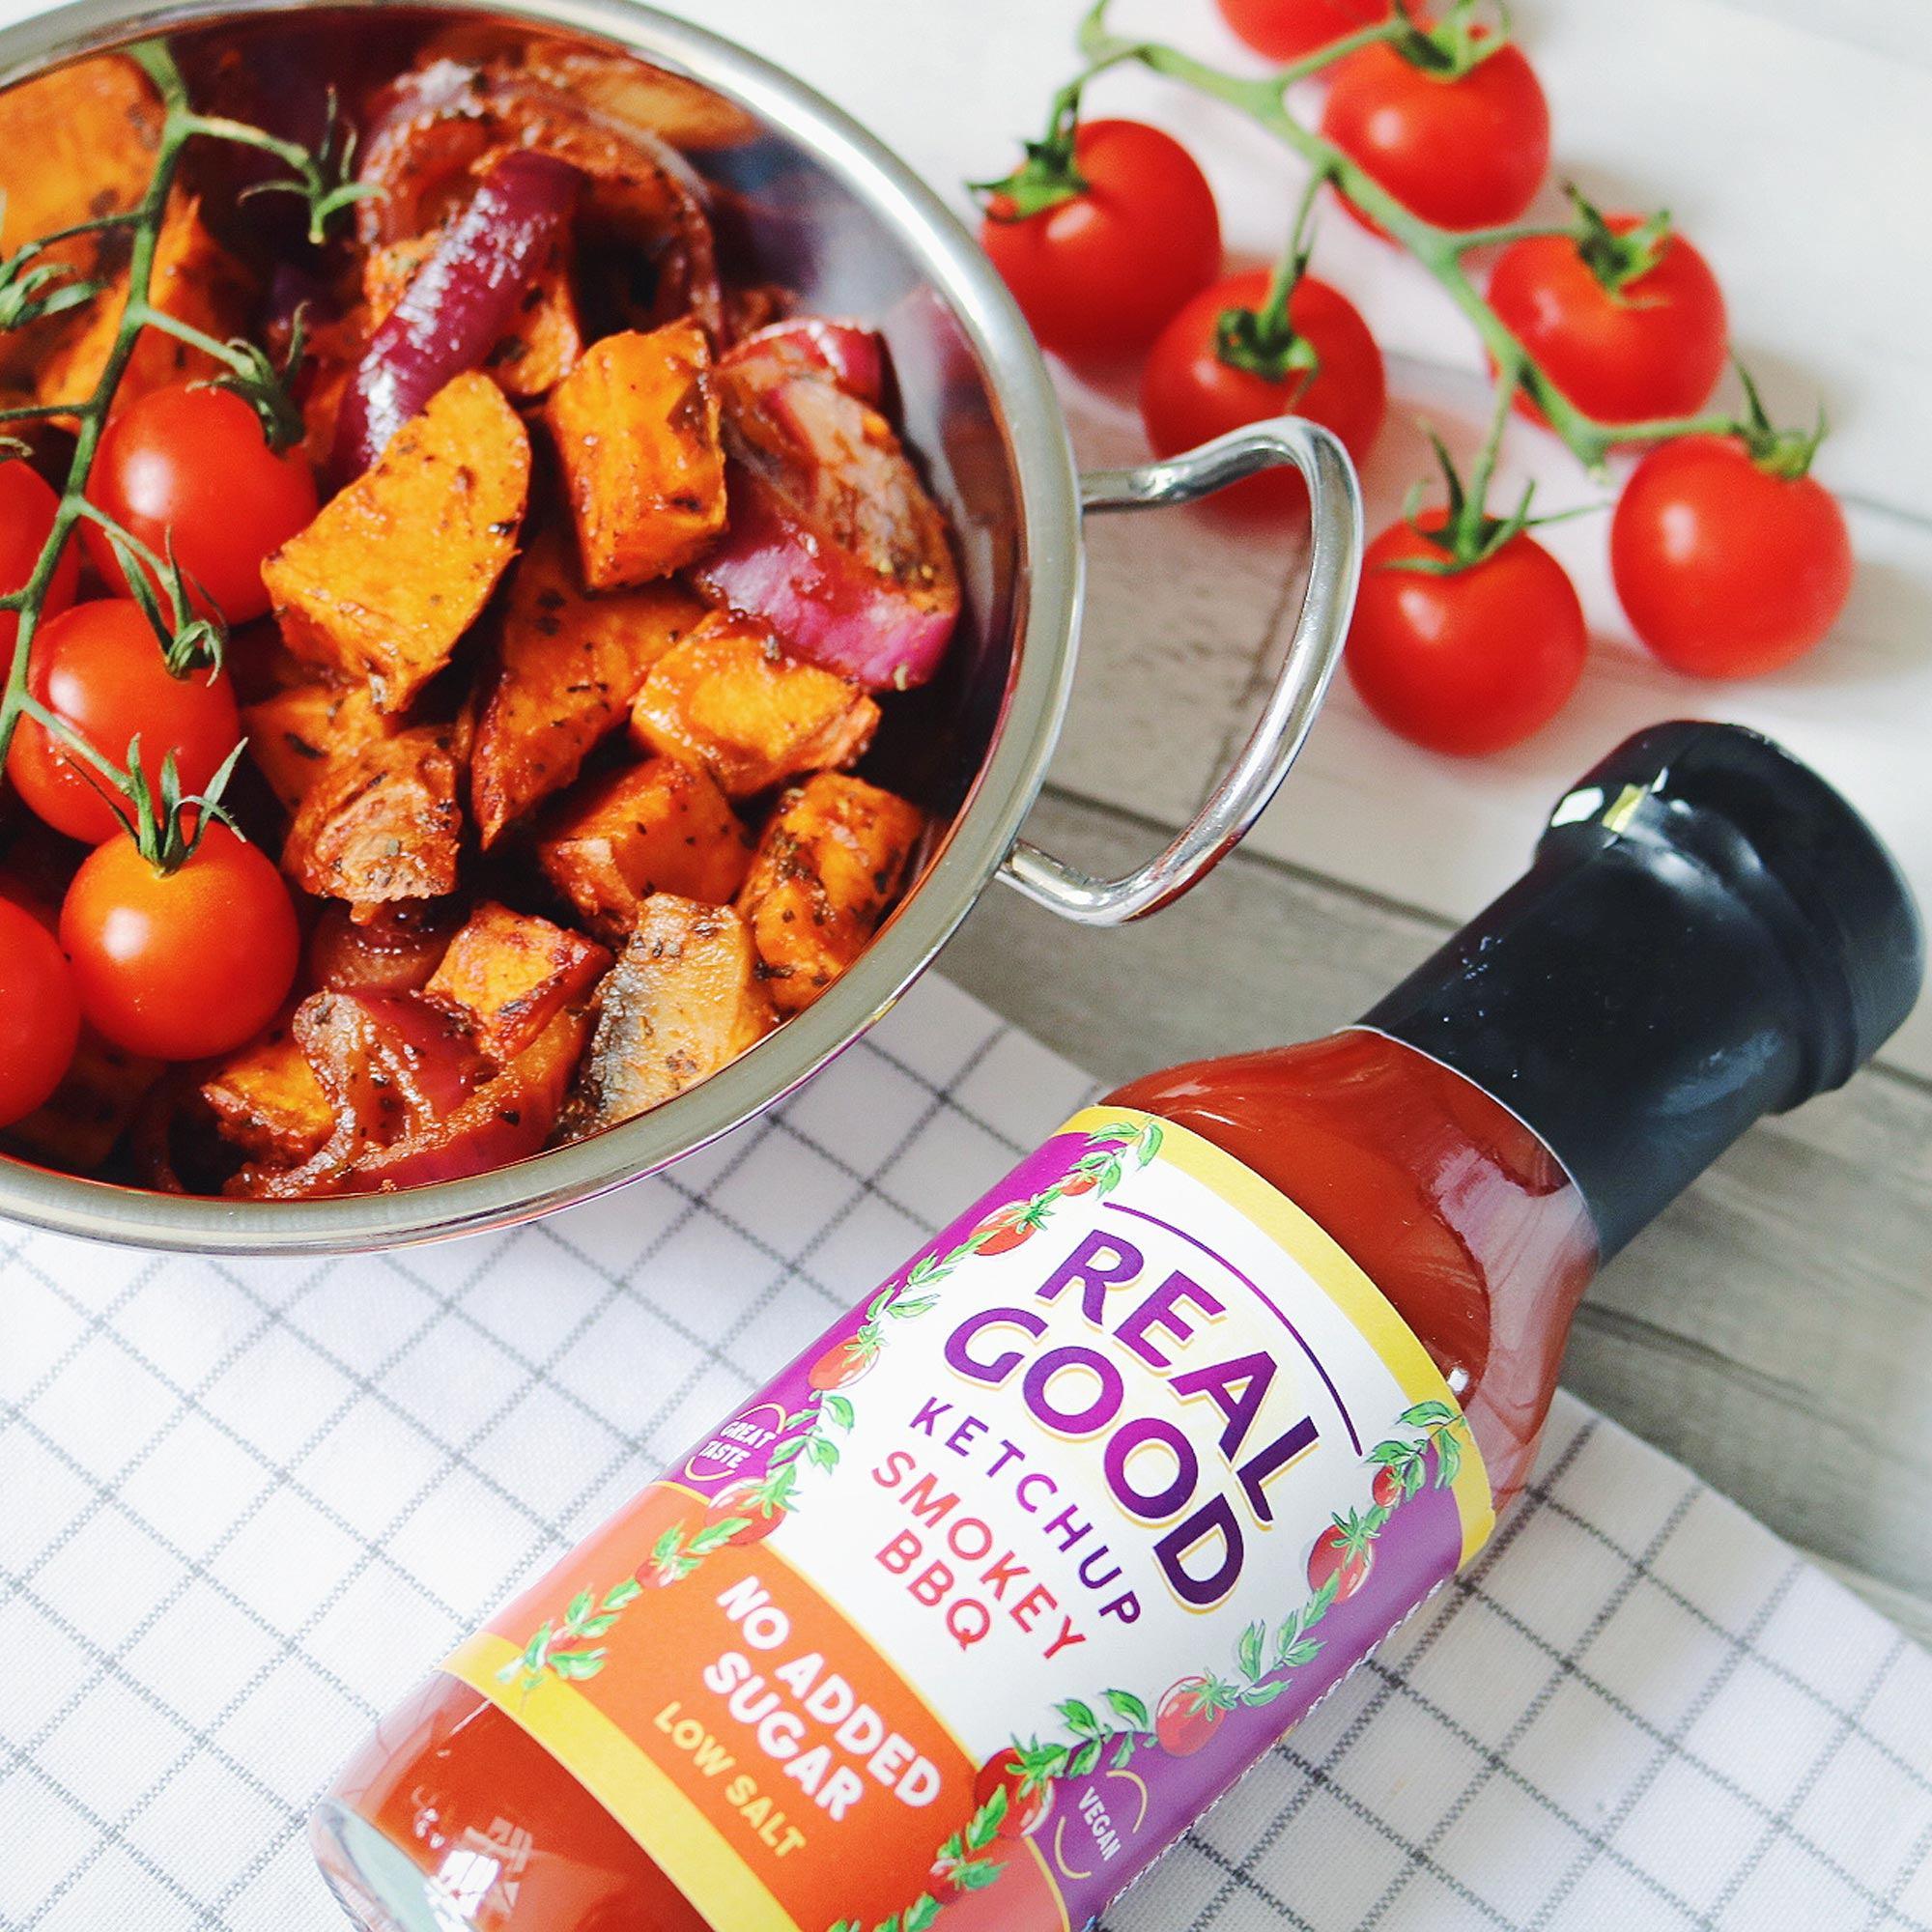 Real-Good-Tomato-Ketchup-Lifestyle-Image-6